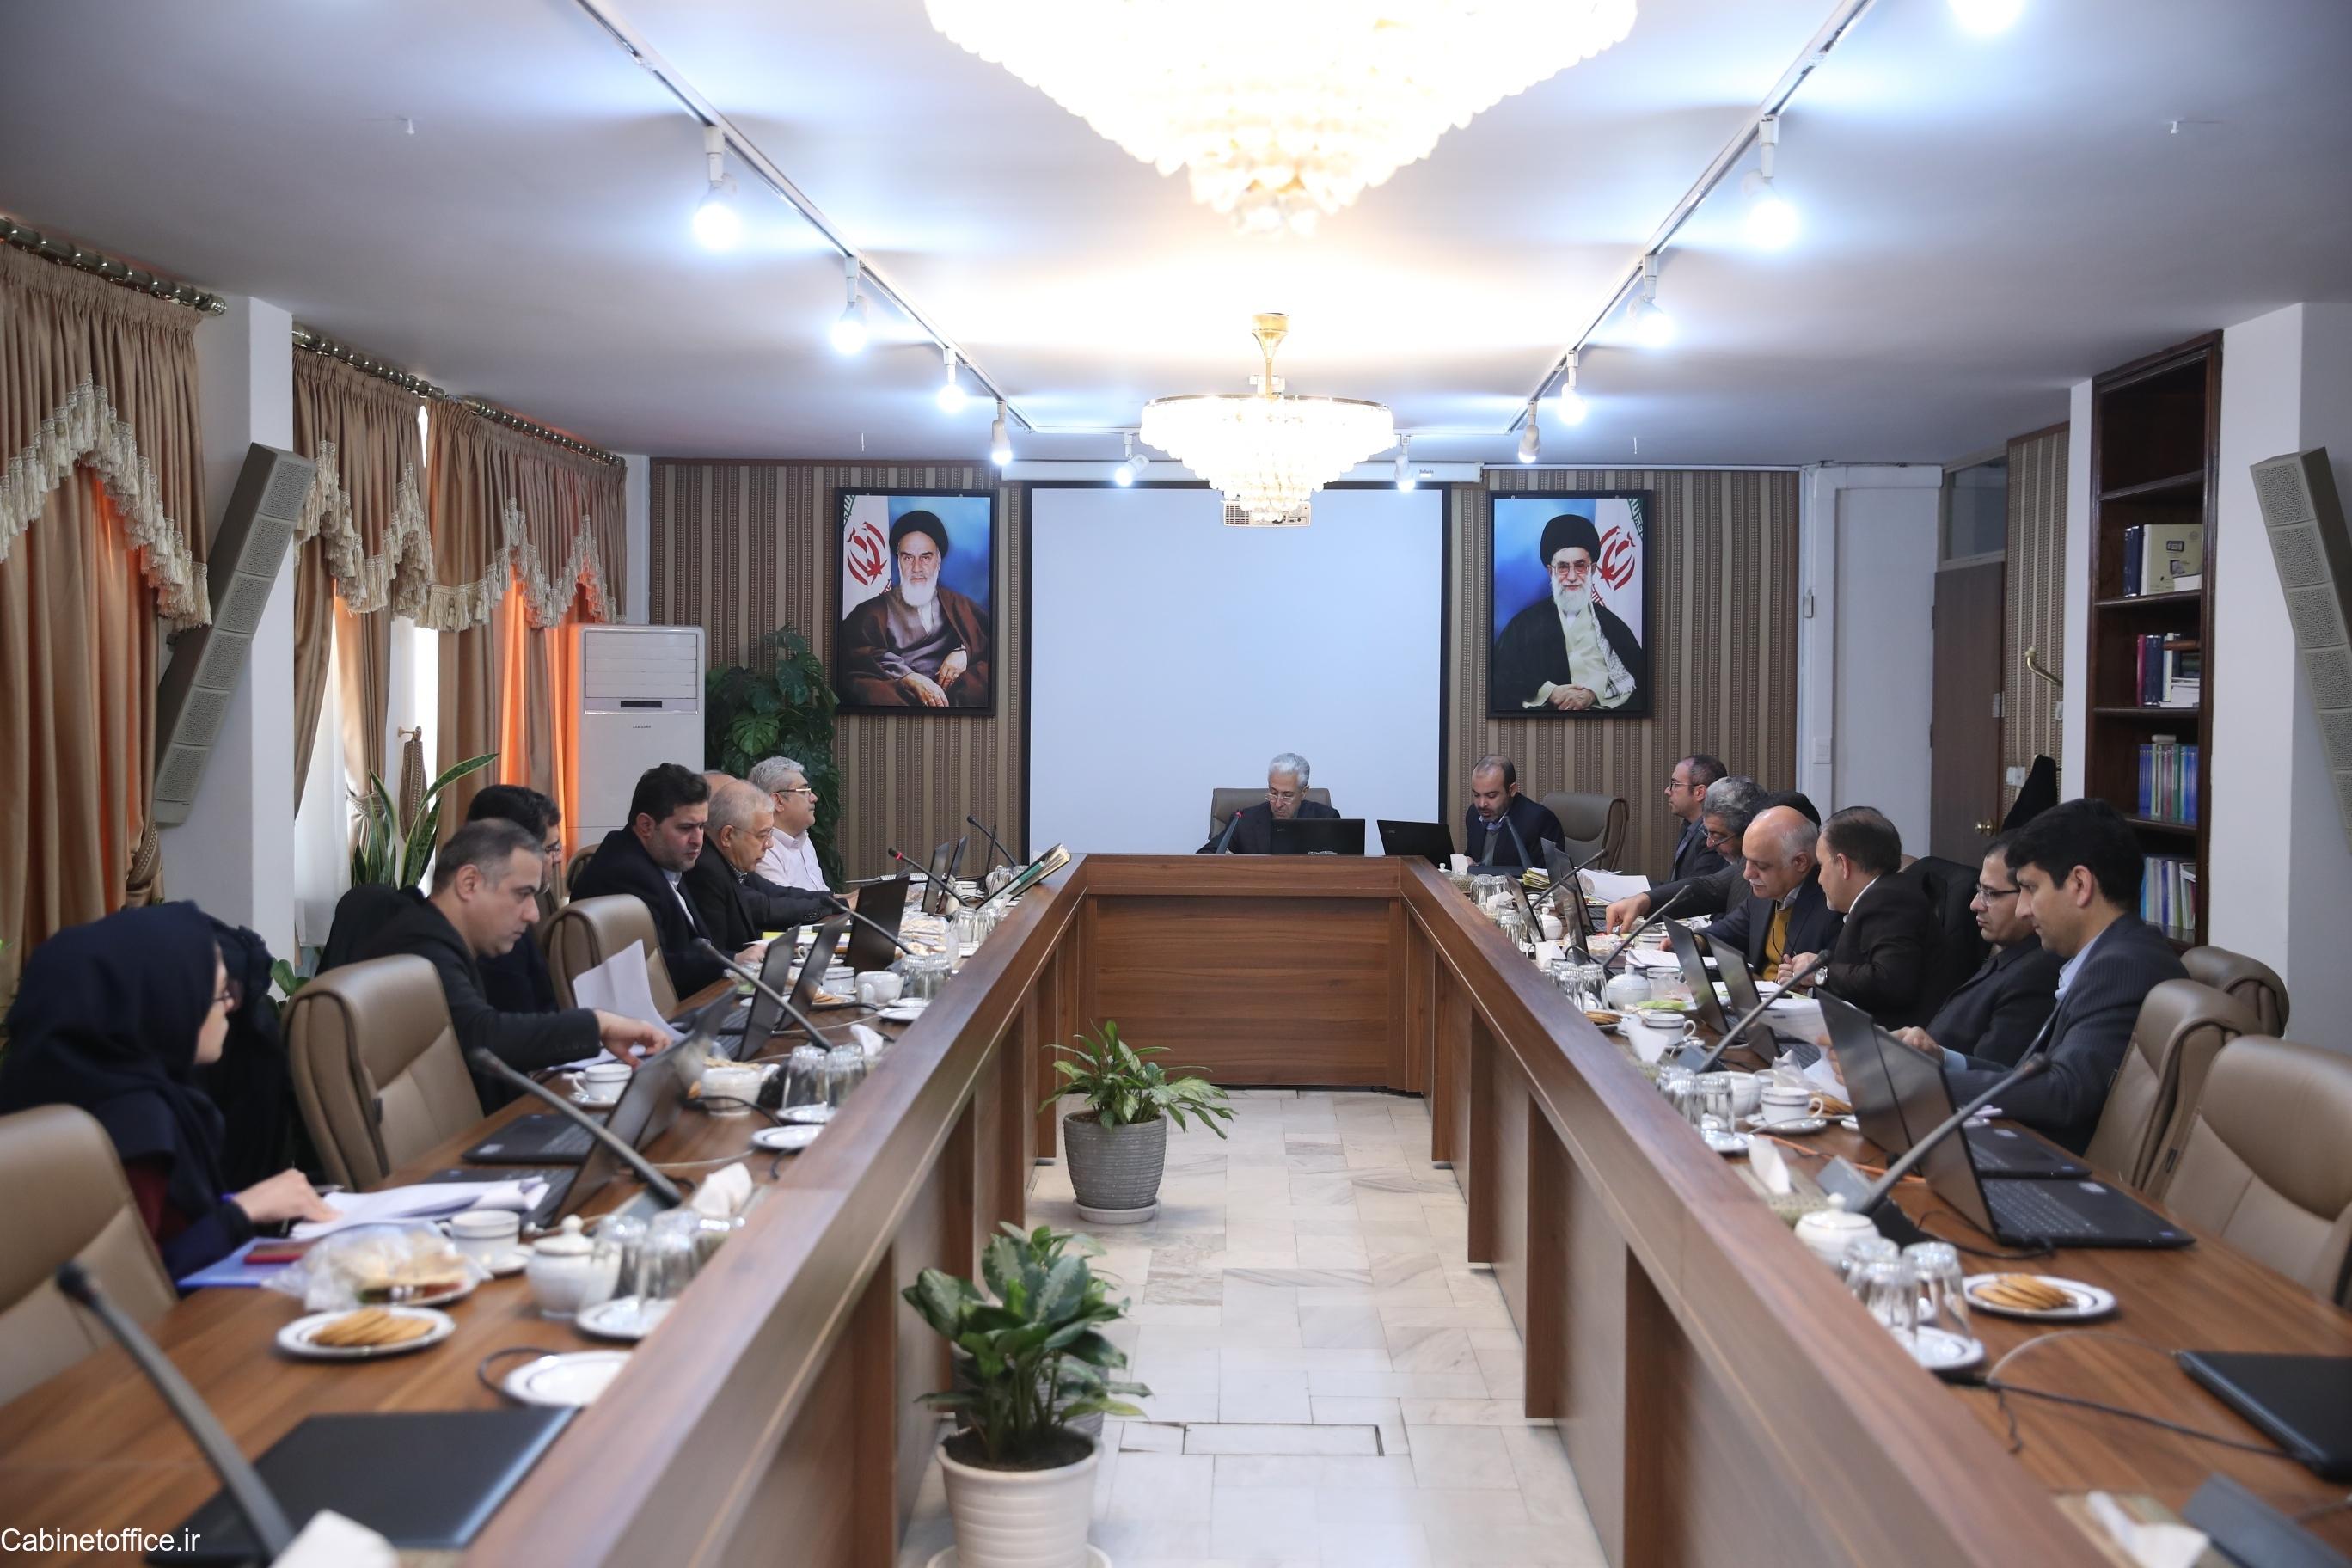 جلسه اصلی کمیسیون علمی، تحقیقاتی و فناوری در تاریخ ۱۶ بهمن ۱۳۹۸